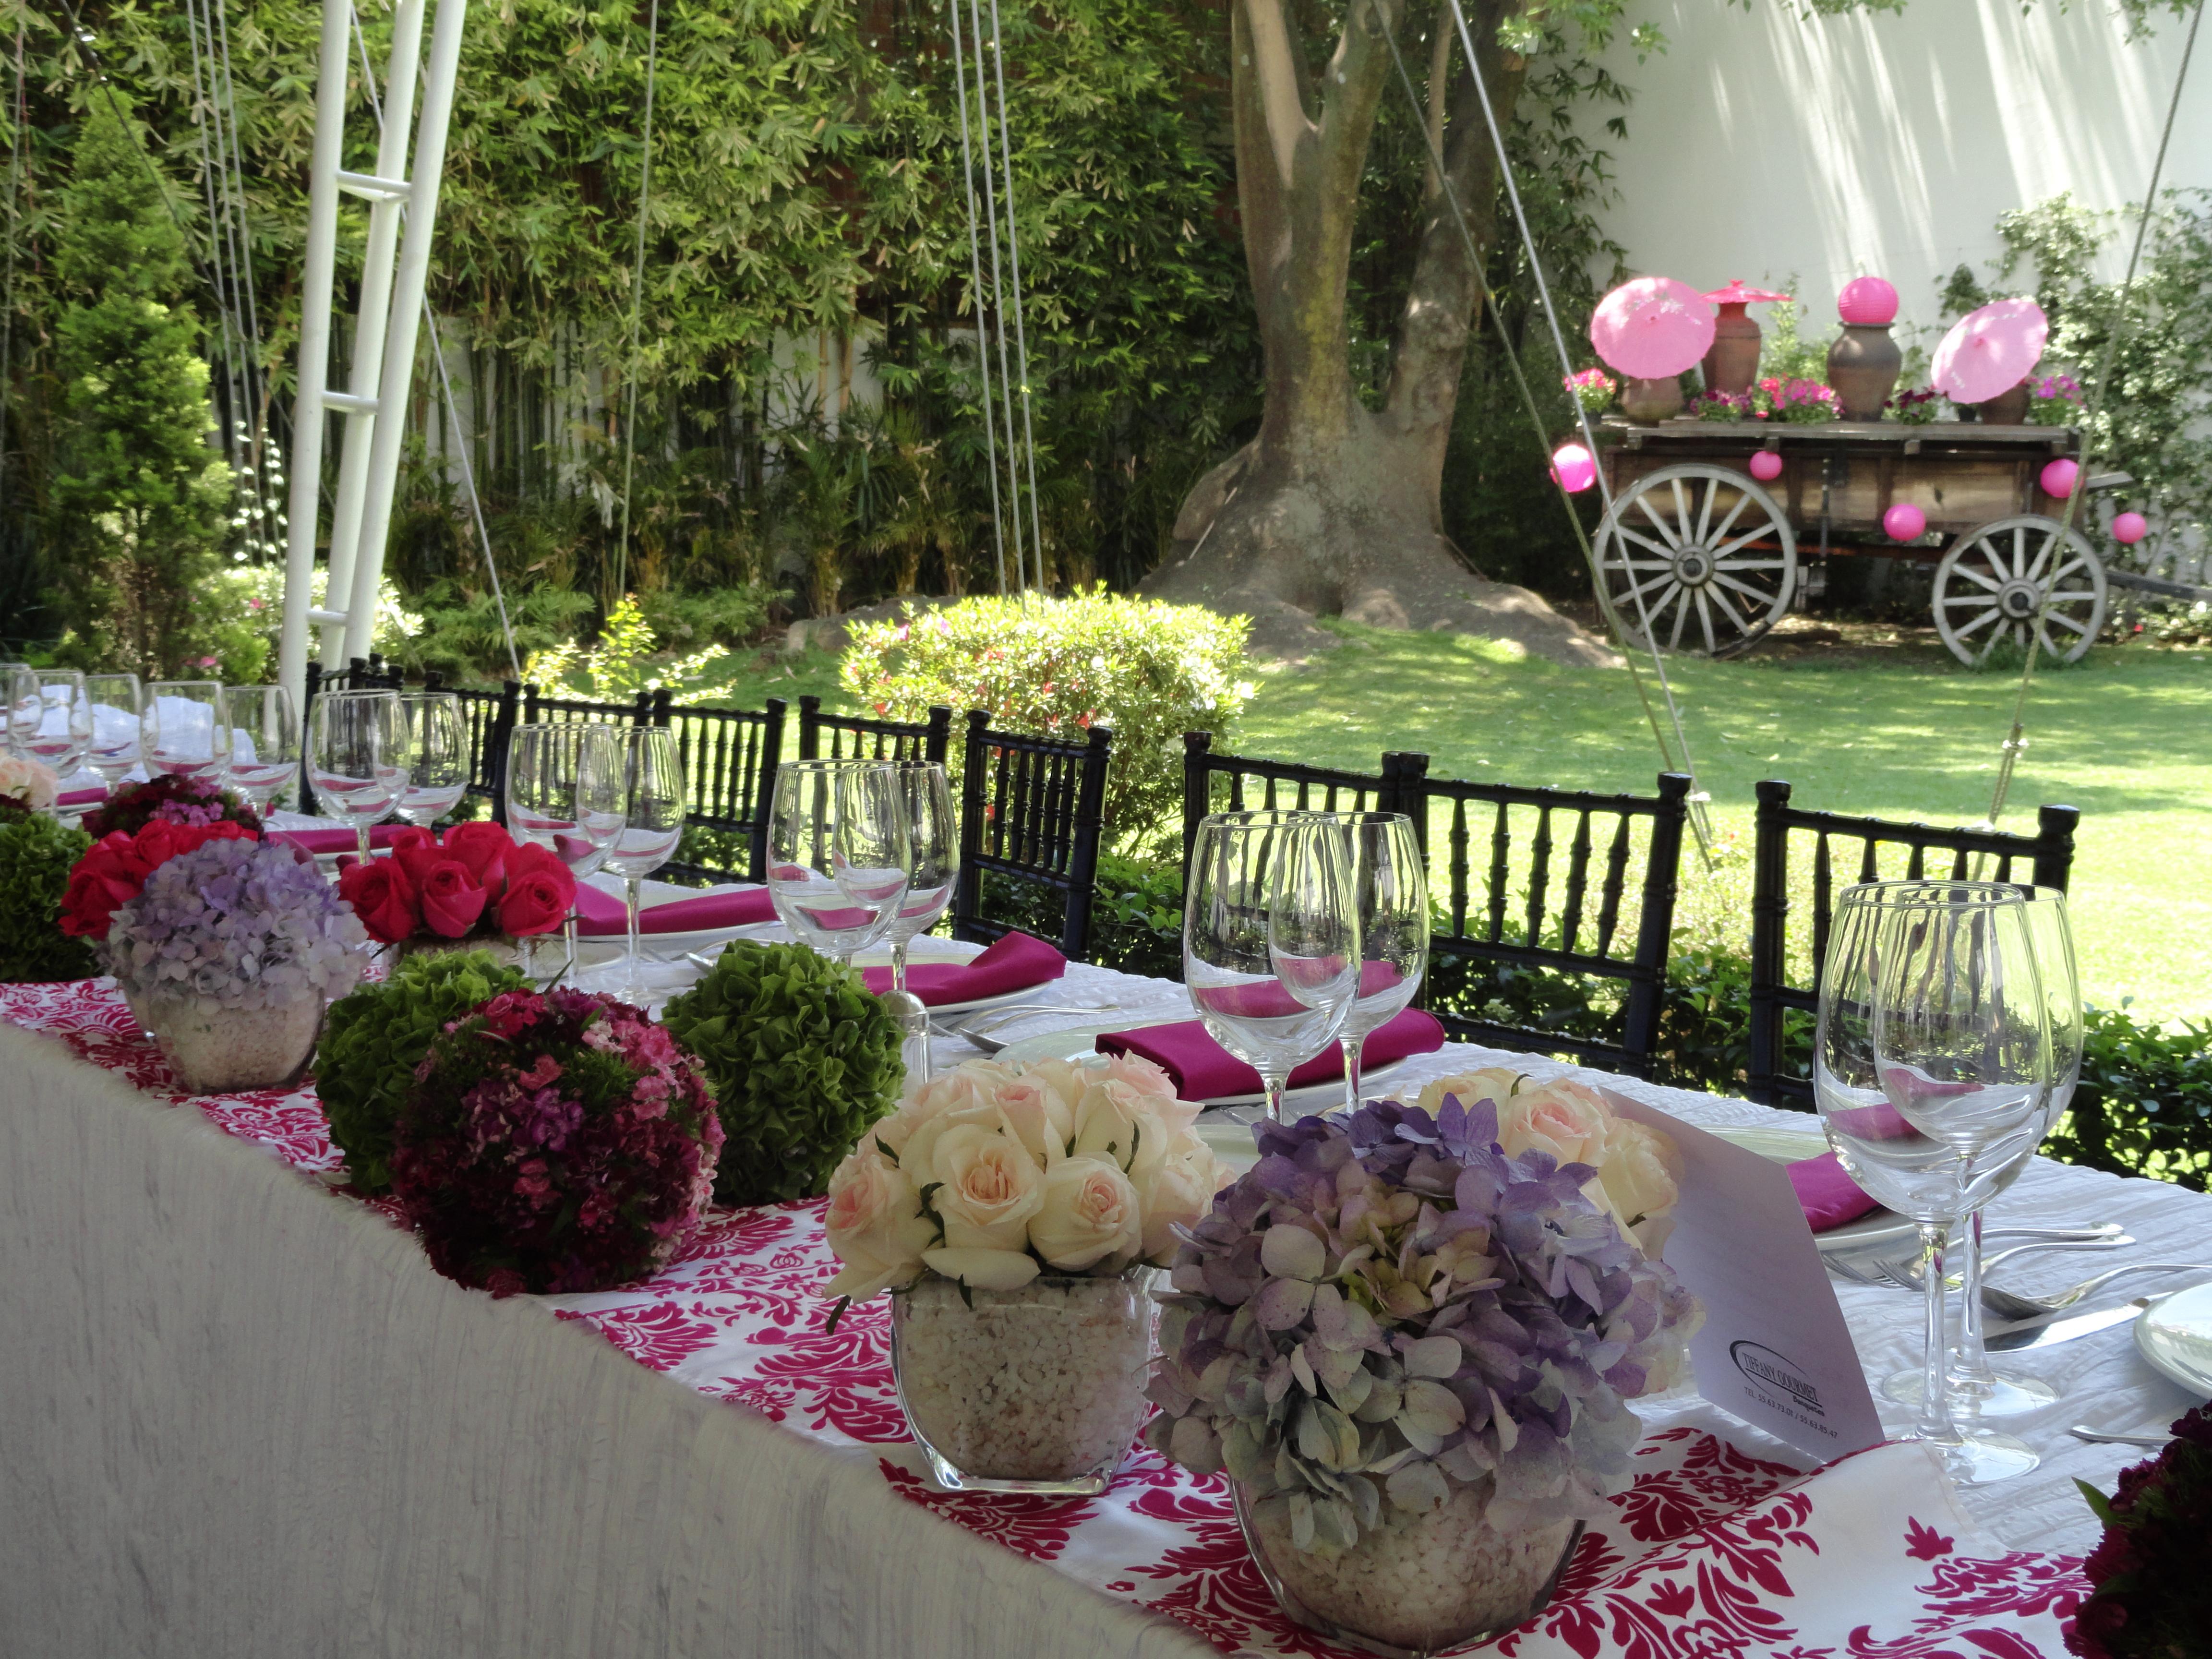 decoración de bodas en jardin